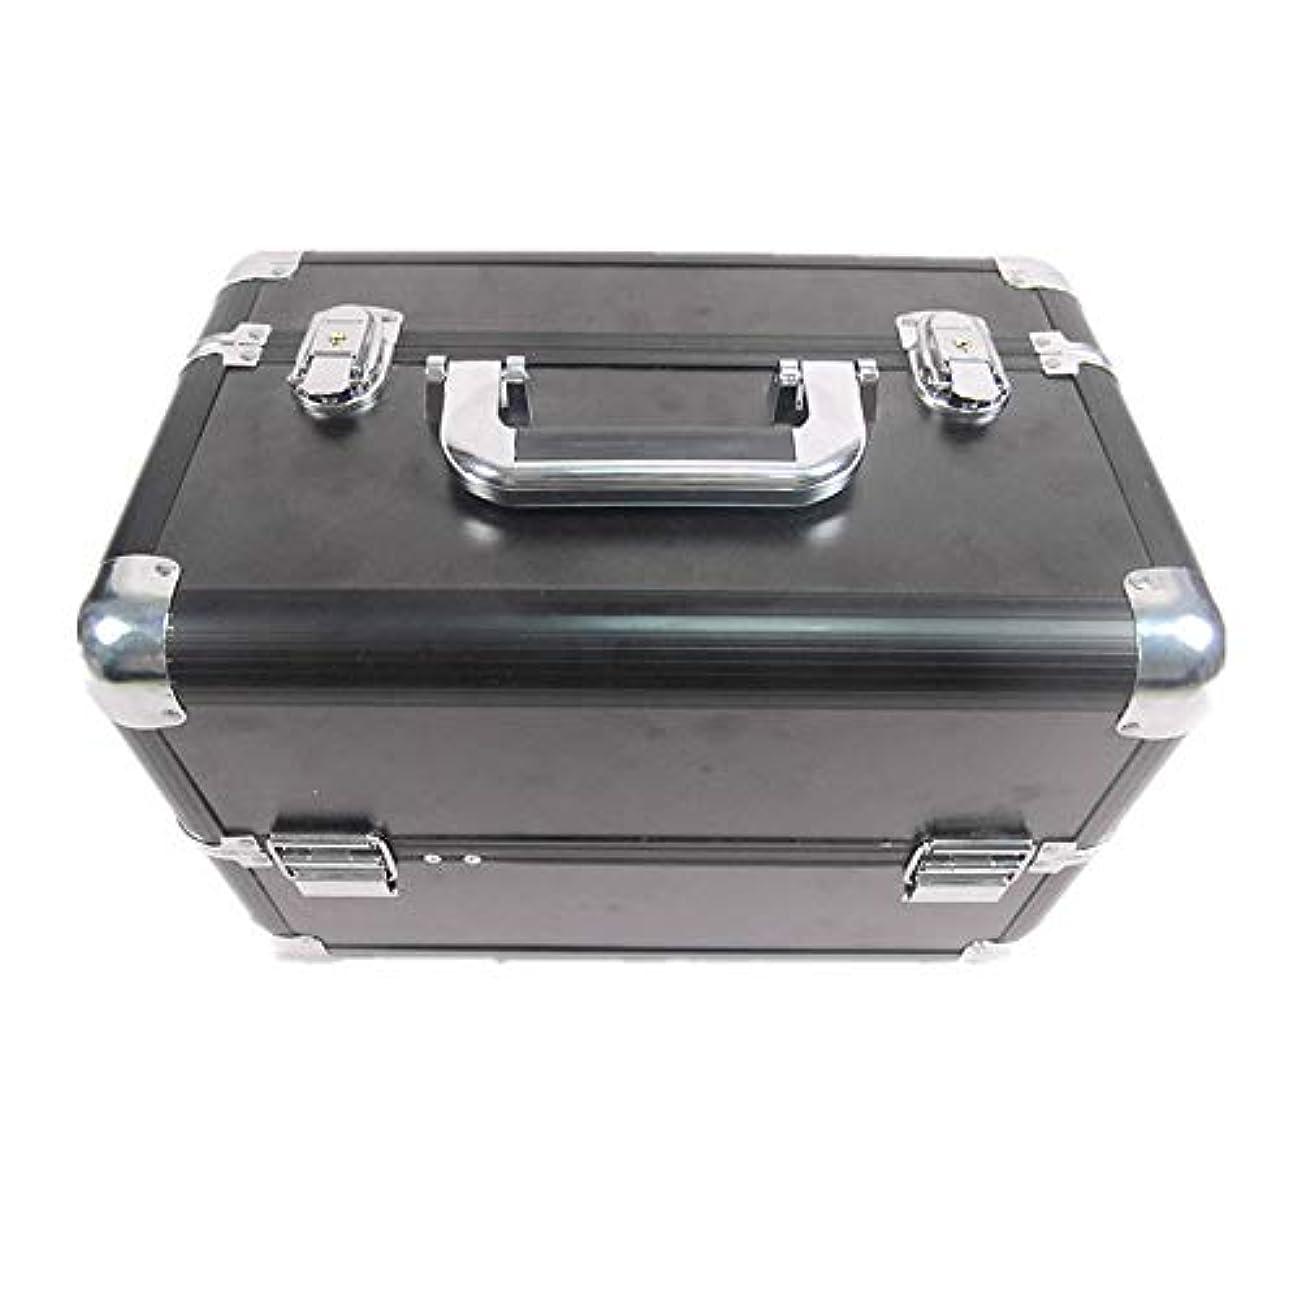 置き場首謀者威する化粧オーガナイザーバッグ 大容量ポータブル化粧ケース(トラベルアクセサリー用)シャンプーボディウォッシュパーソナルアイテム収納トレイ(エクステンショントレイ付) 化粧品ケース